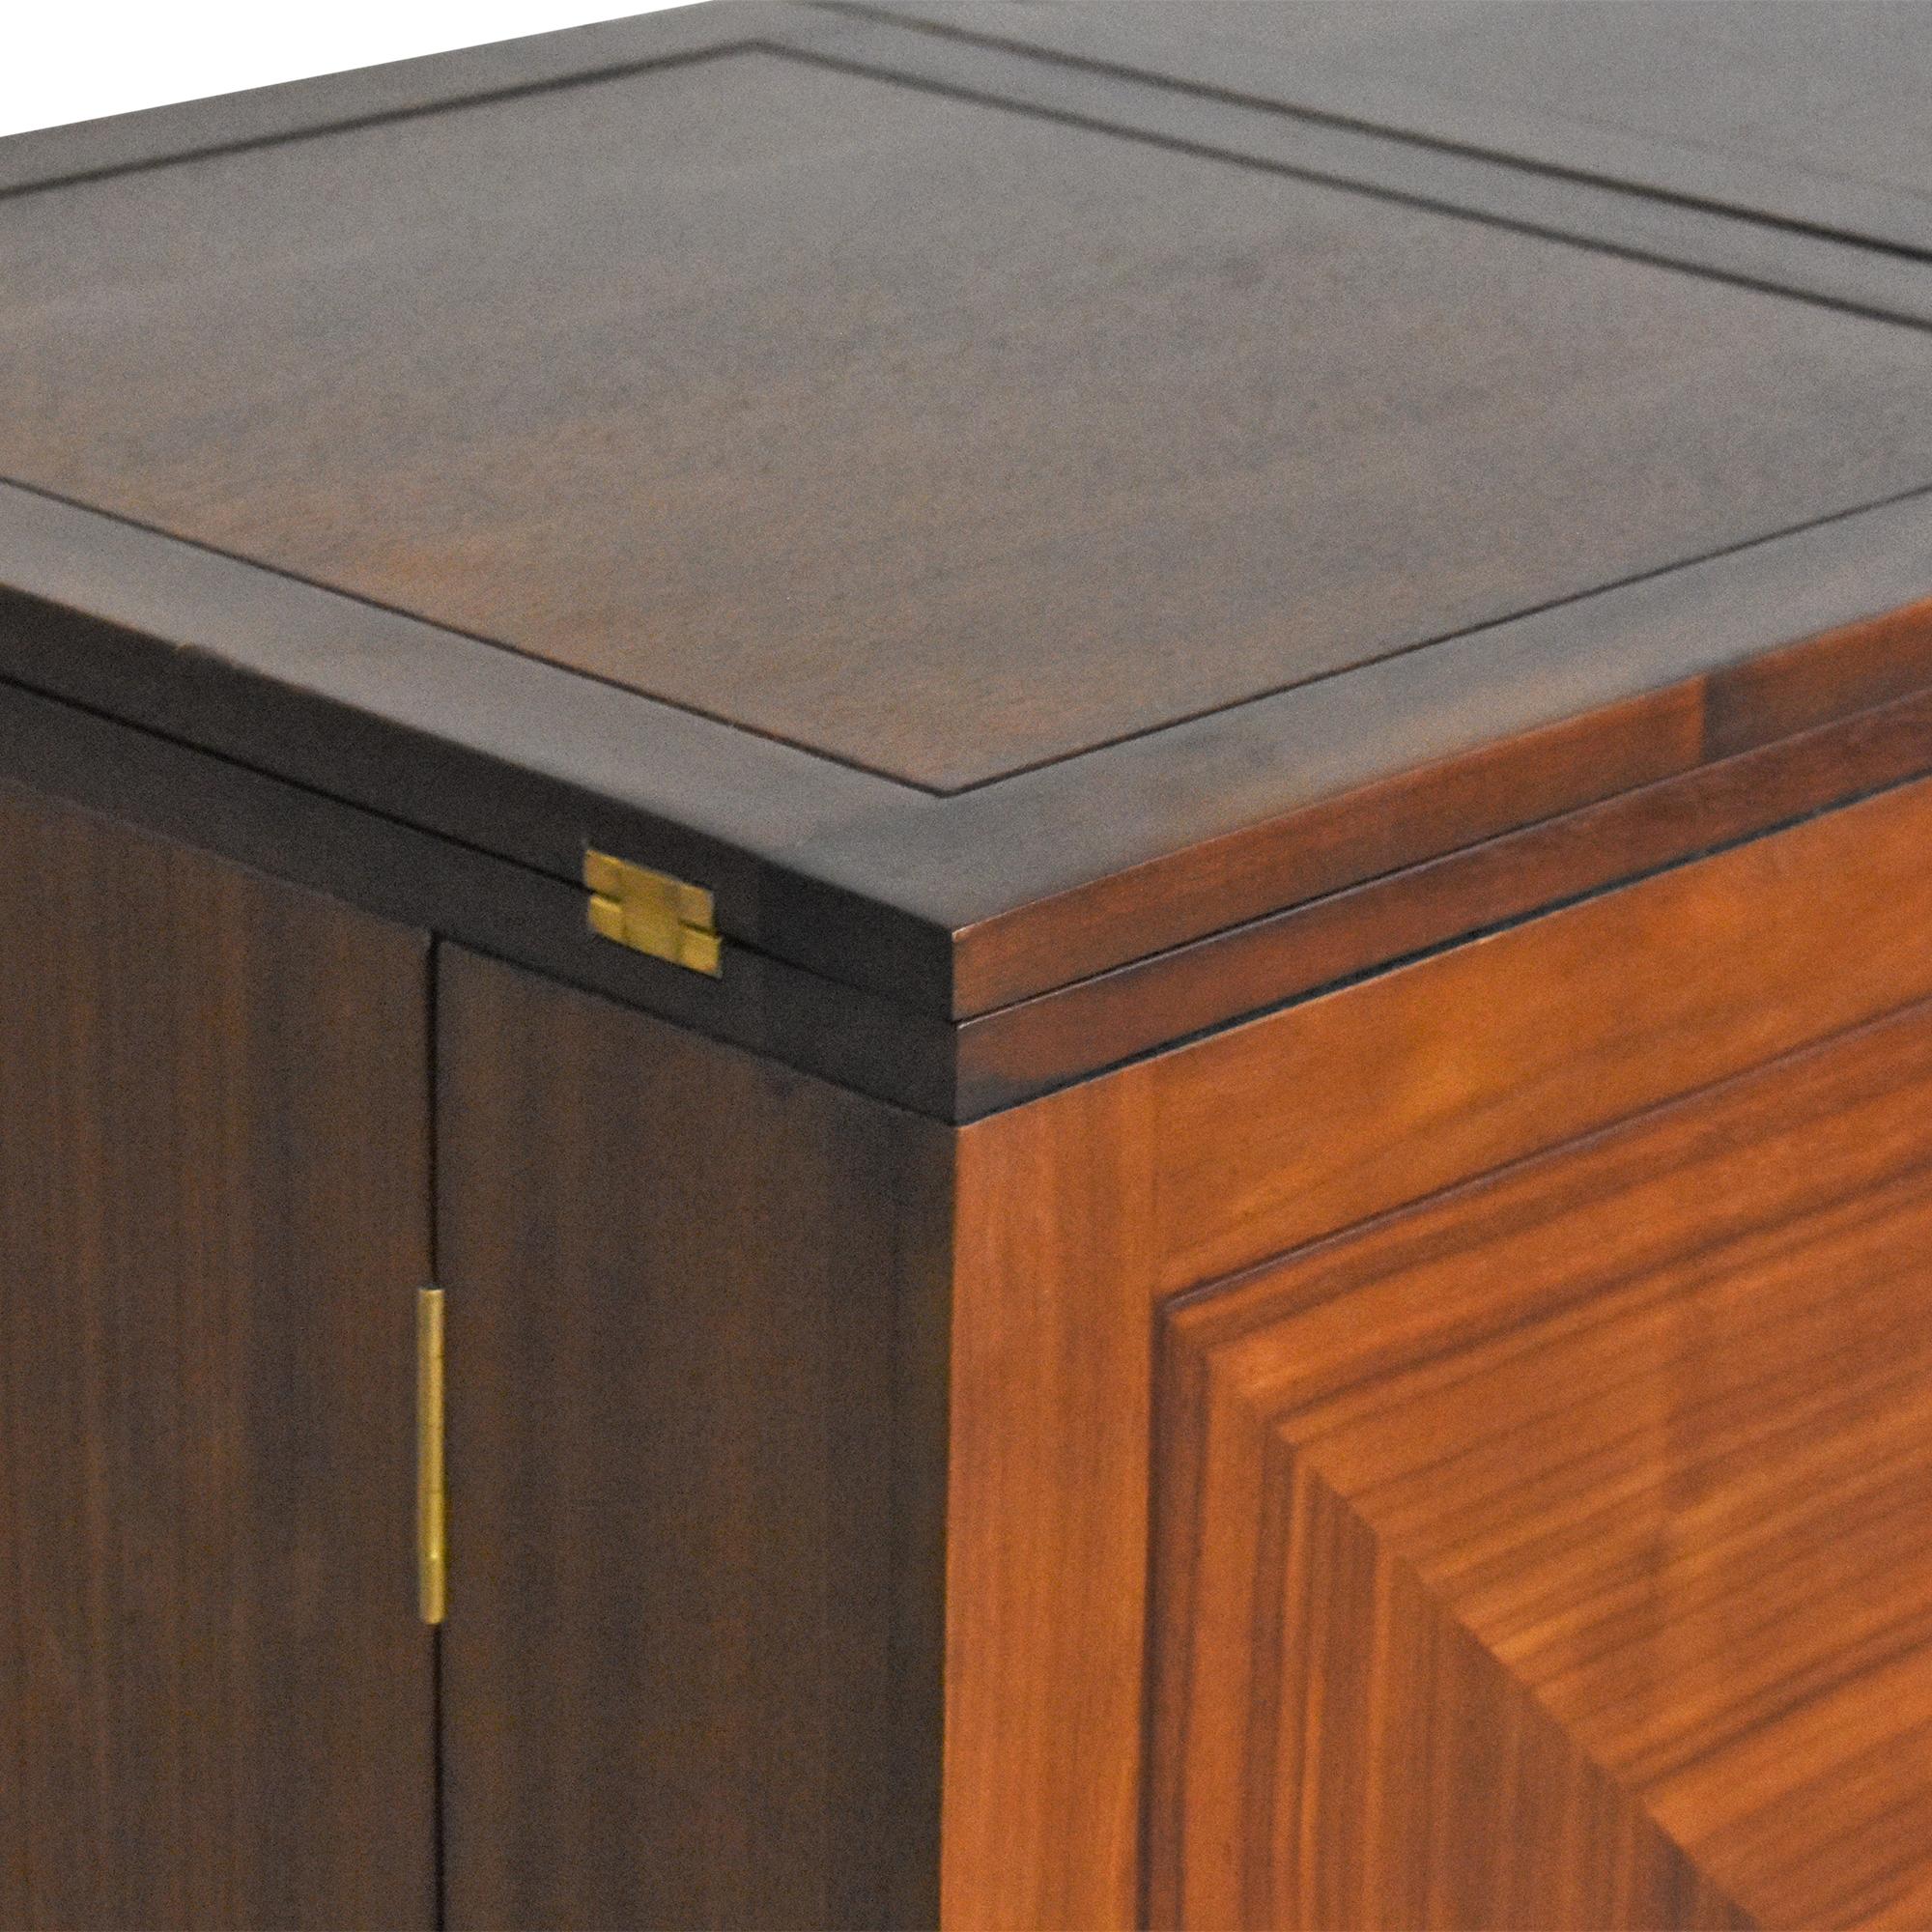 Crate & Barrel Maxine Bar Cabinet Crate & Barrel